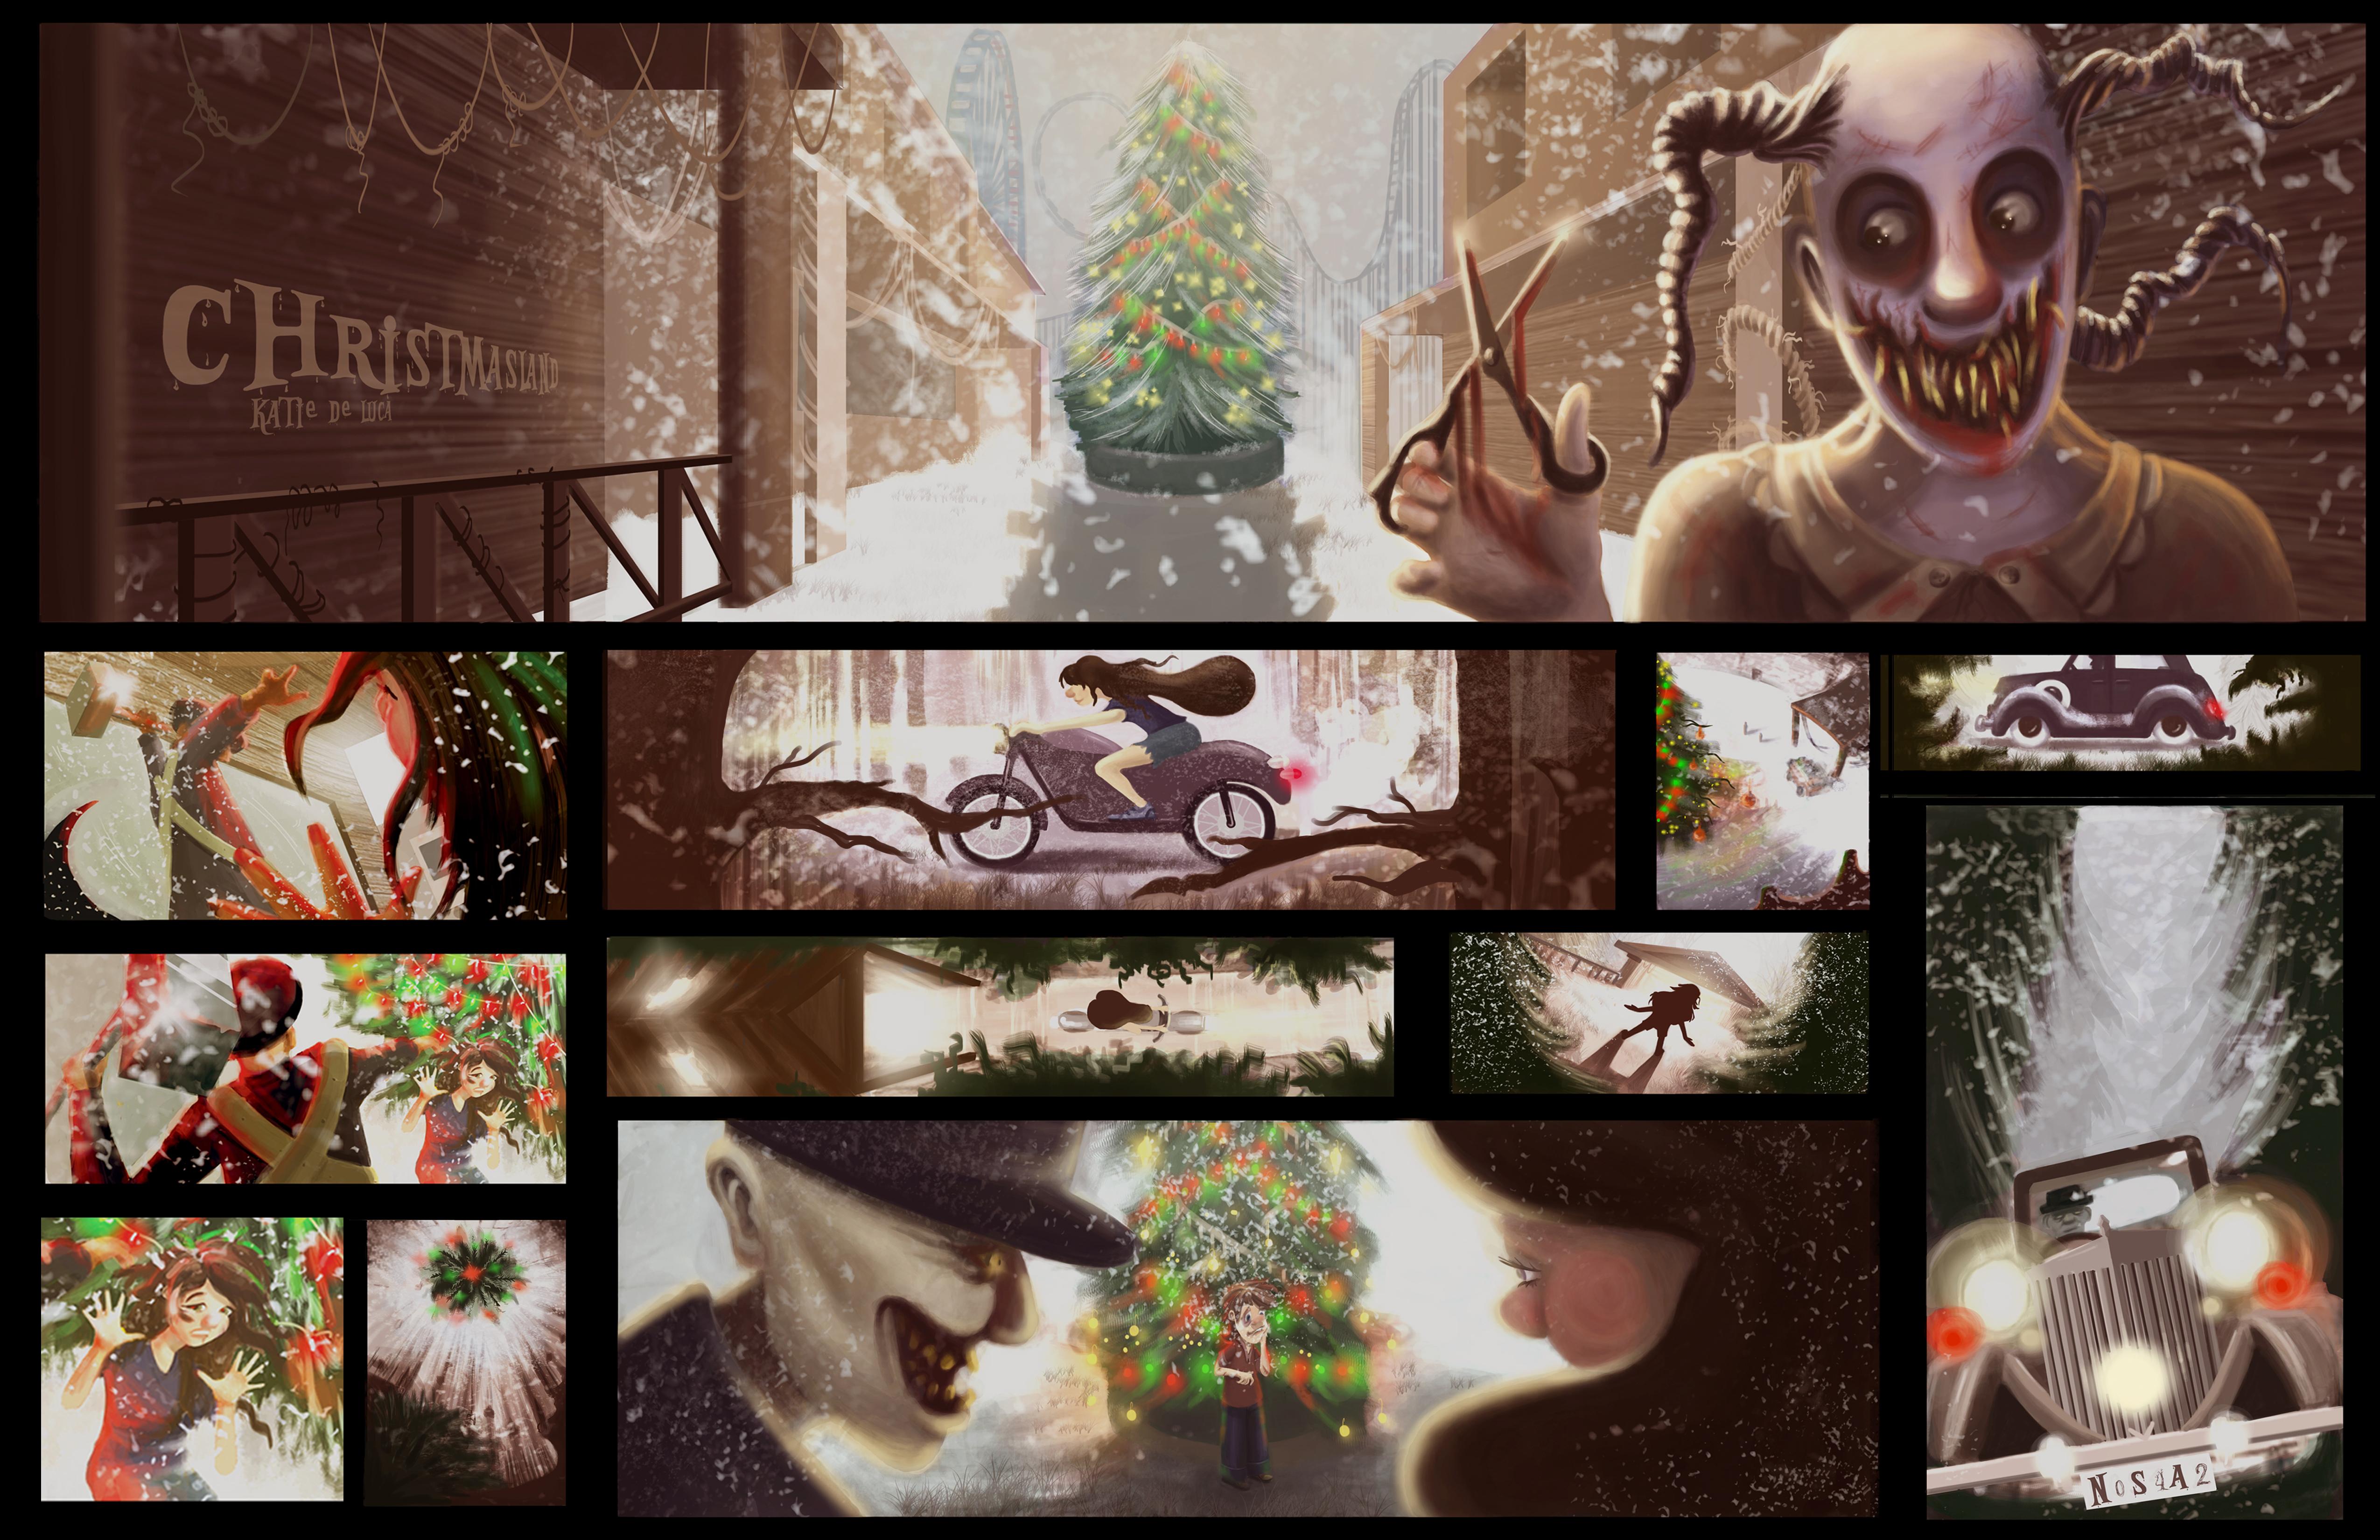 Christmasland, Pt. II